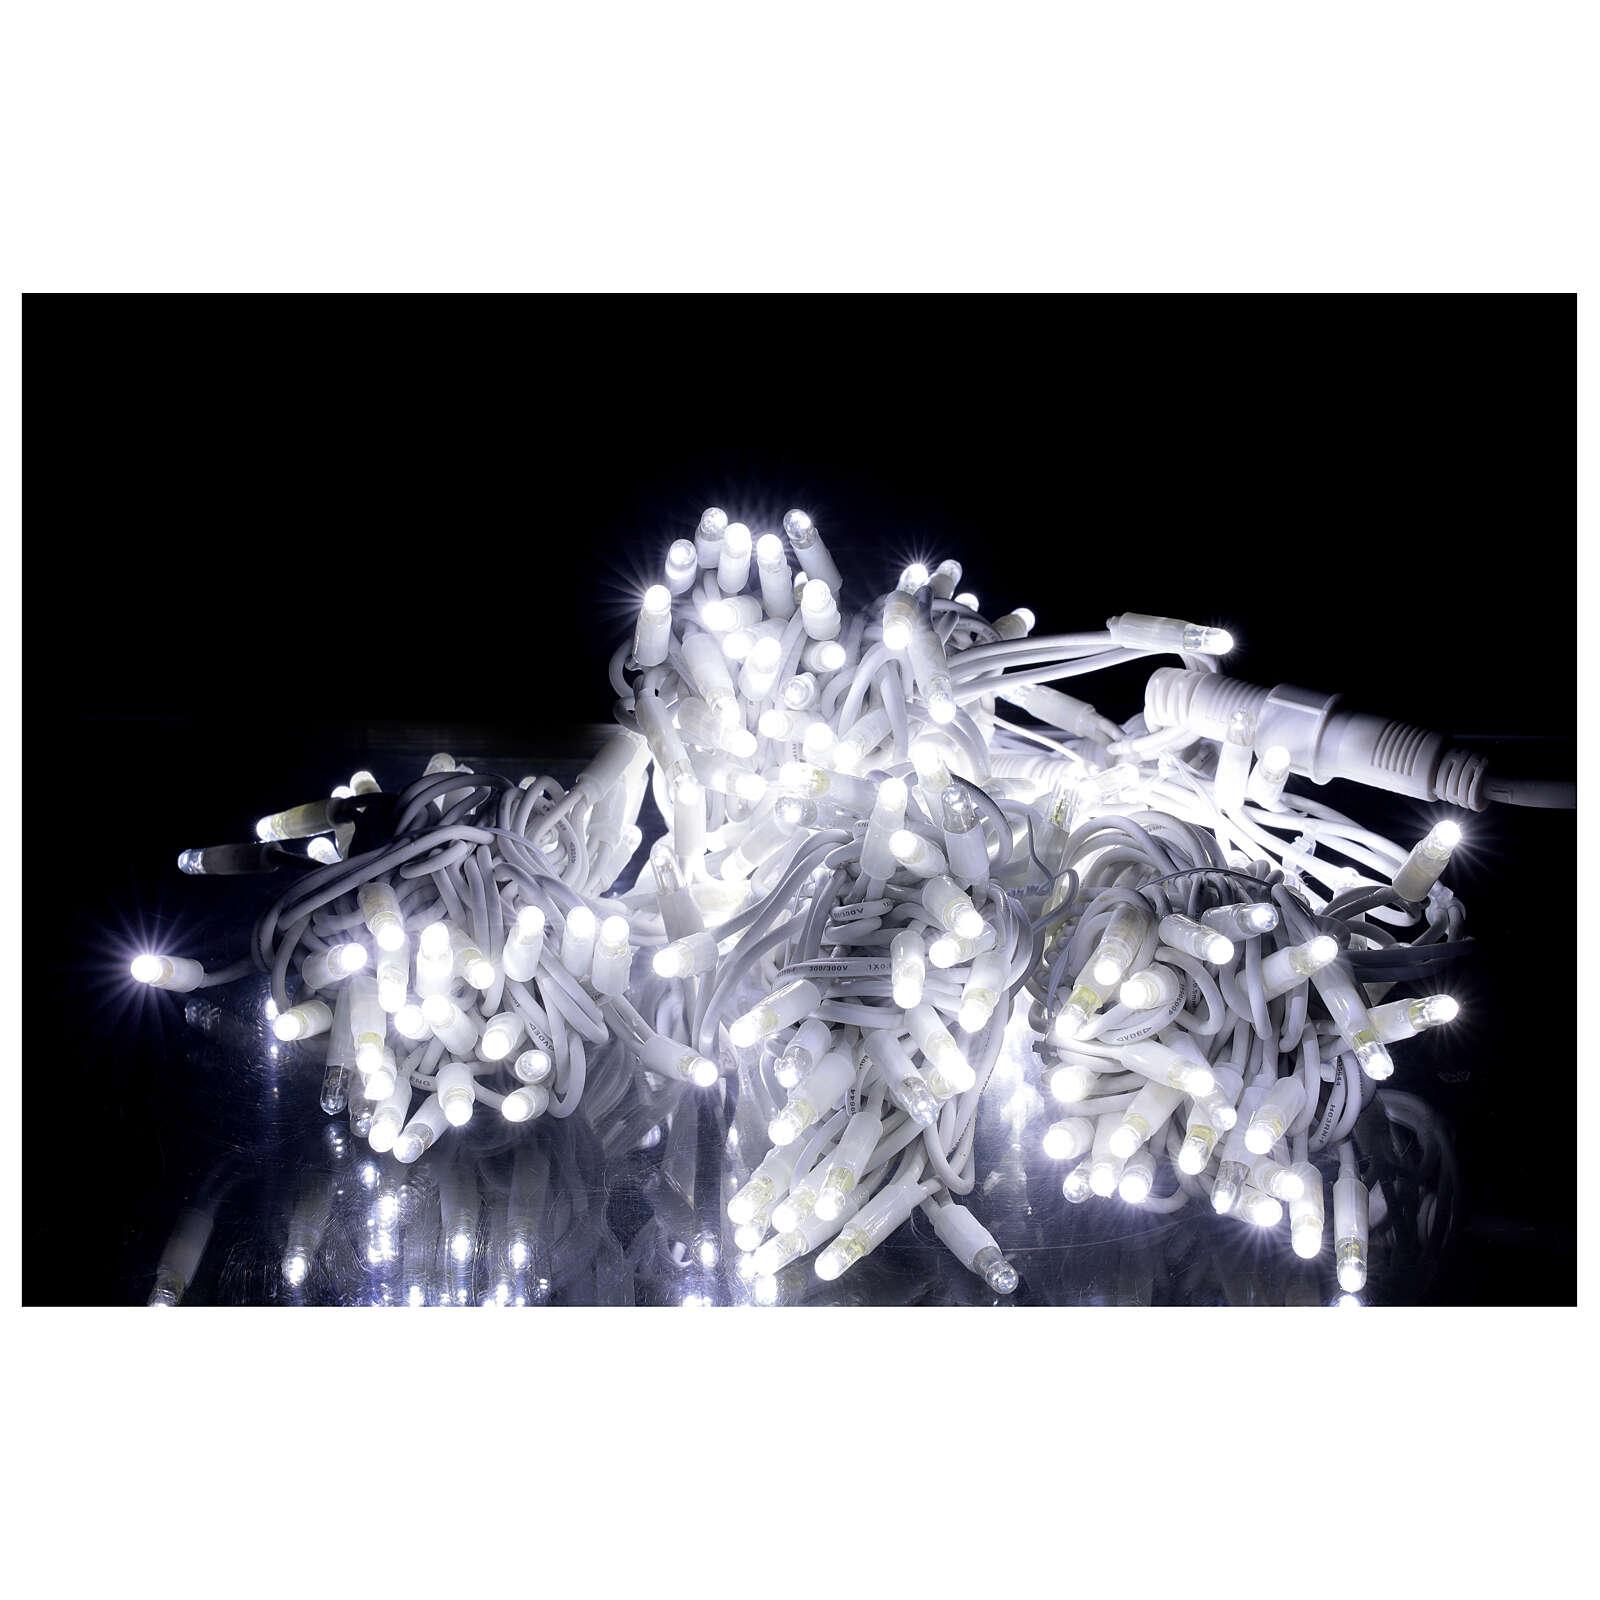 Guirlande 200 LED ultra lumineux blancs 40 ministrobo 20 m intérieur extérieur courant 3